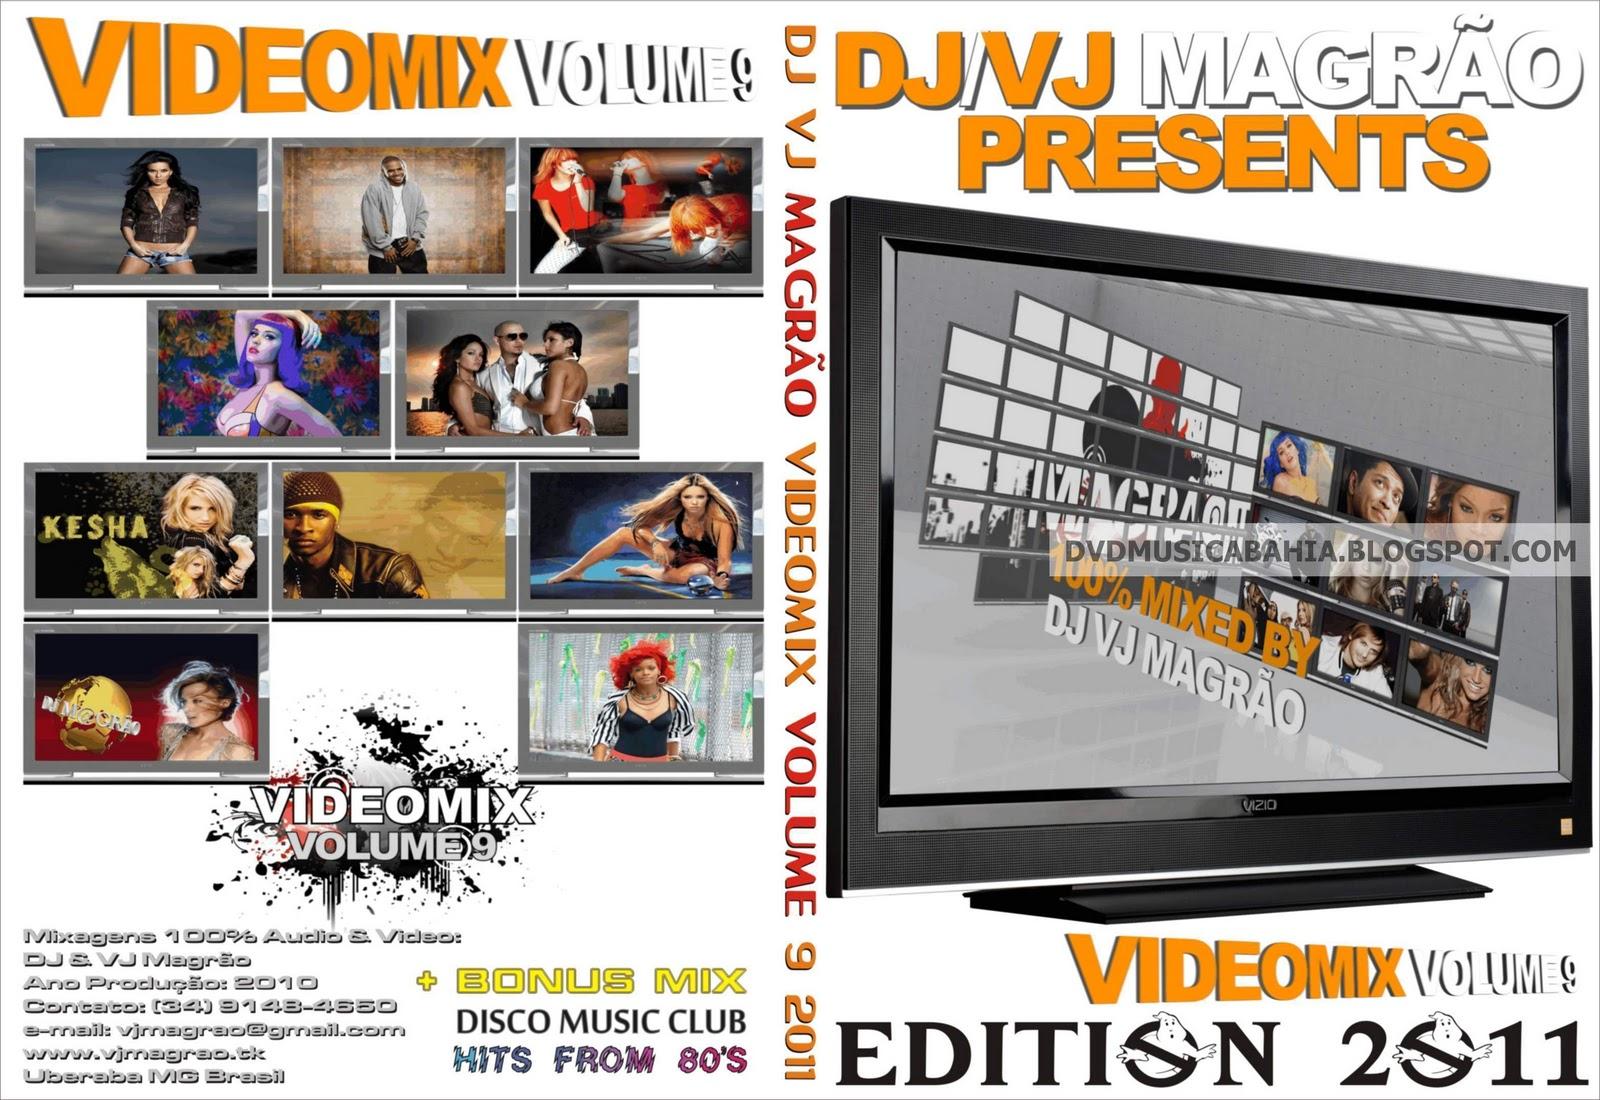 http://2.bp.blogspot.com/-VrlQ7_QpX1o/TZueH_GXmjI/AAAAAAAABlc/LXoRmj0GdsY/s1600/DJ+Magrao+-+Video+Mix+Volume+9+2011+-+655.jpg